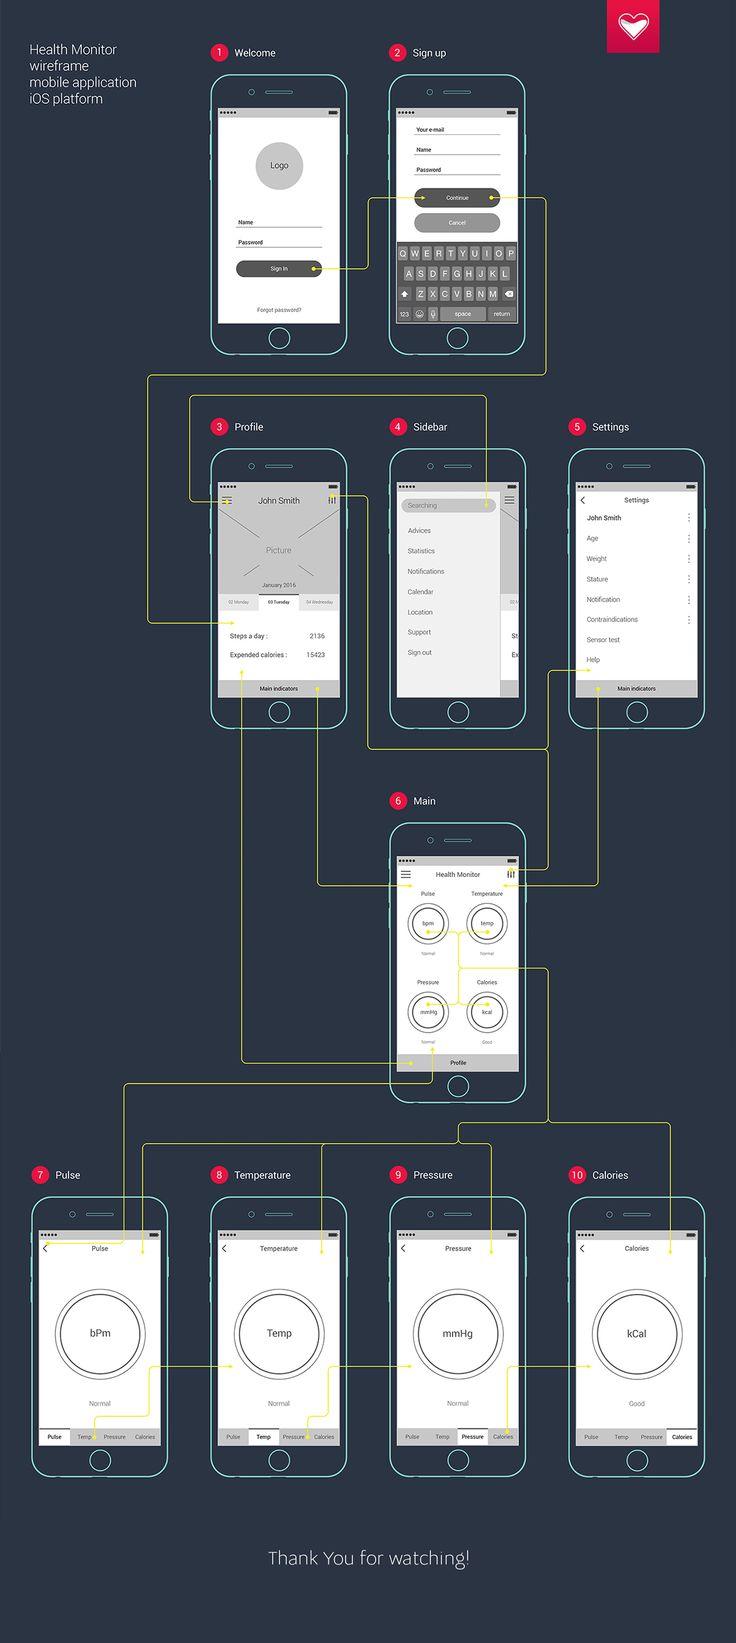 https://www.behance.net/gallery/29371821/Wireframes-mobile-app-Health-Monitor